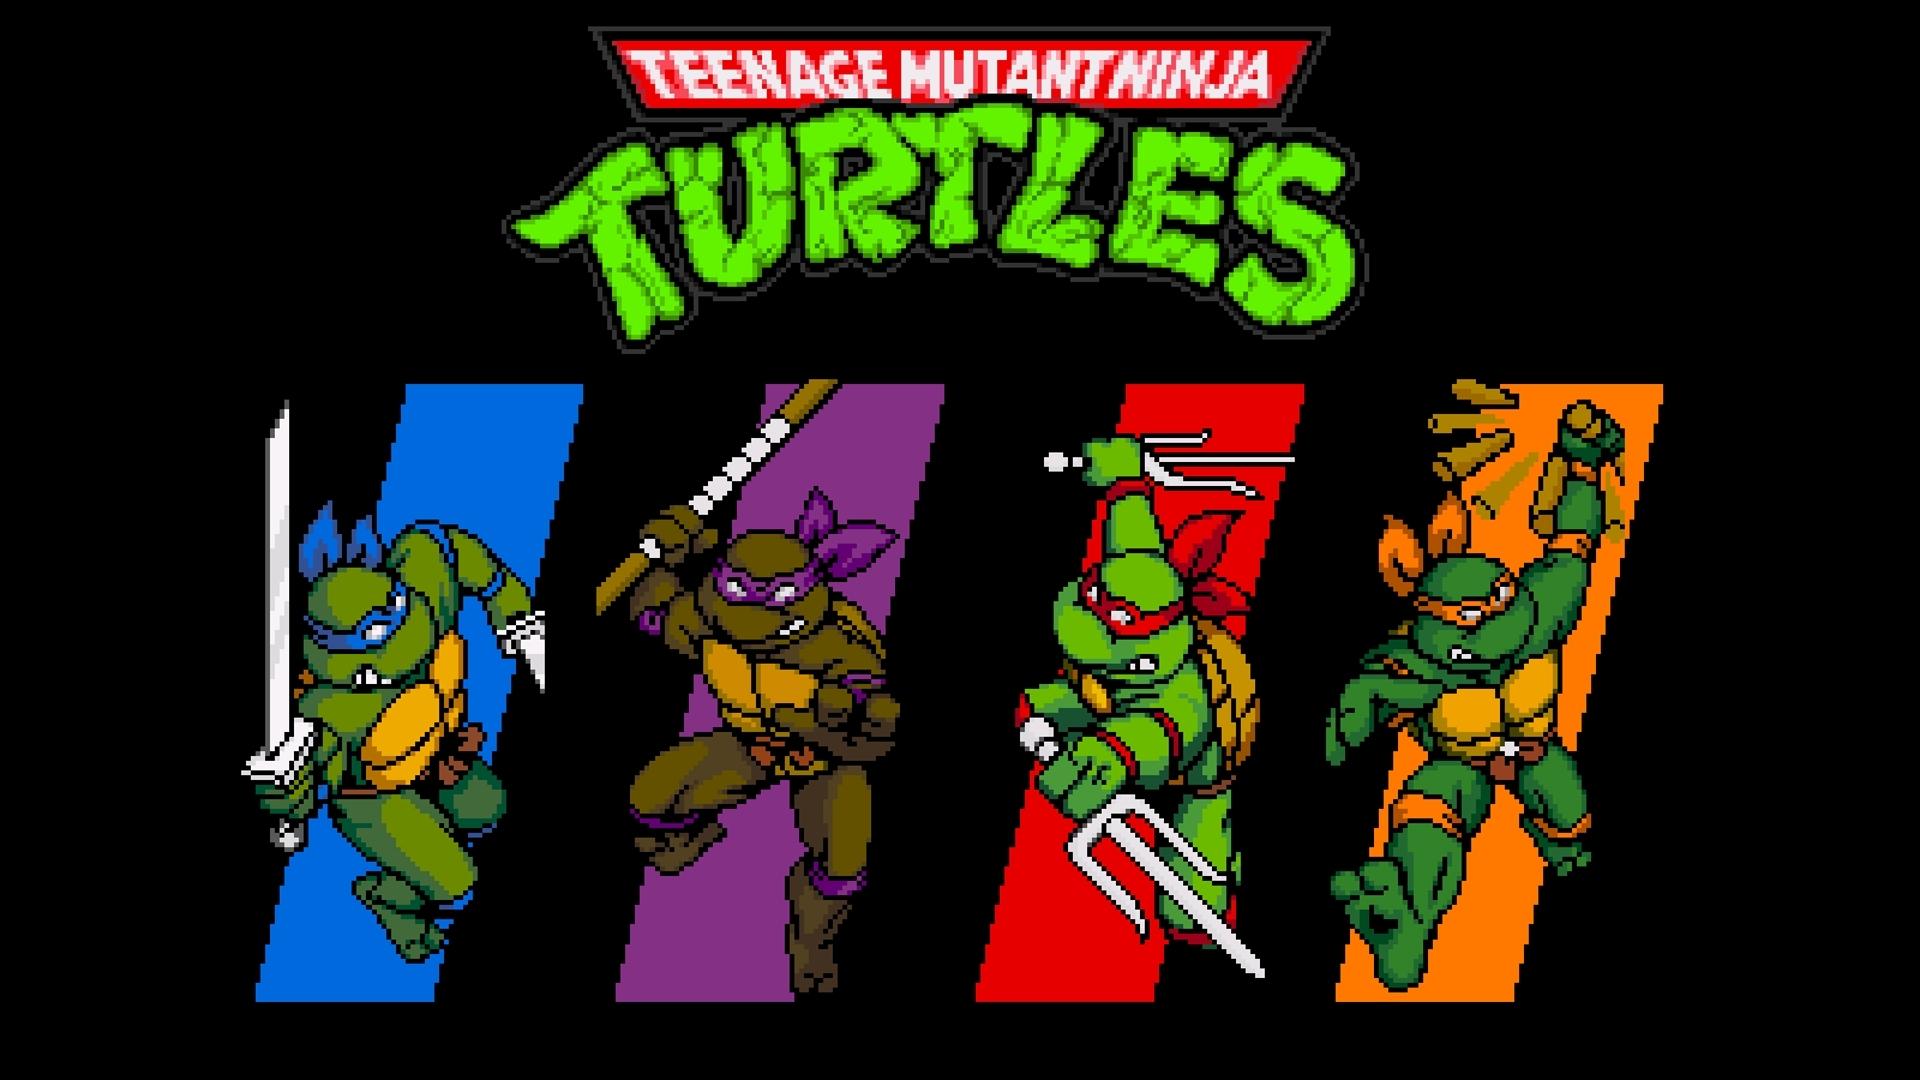 teenage mutant ninja turtles hd wallpaper | 1920x1080 | id:59027